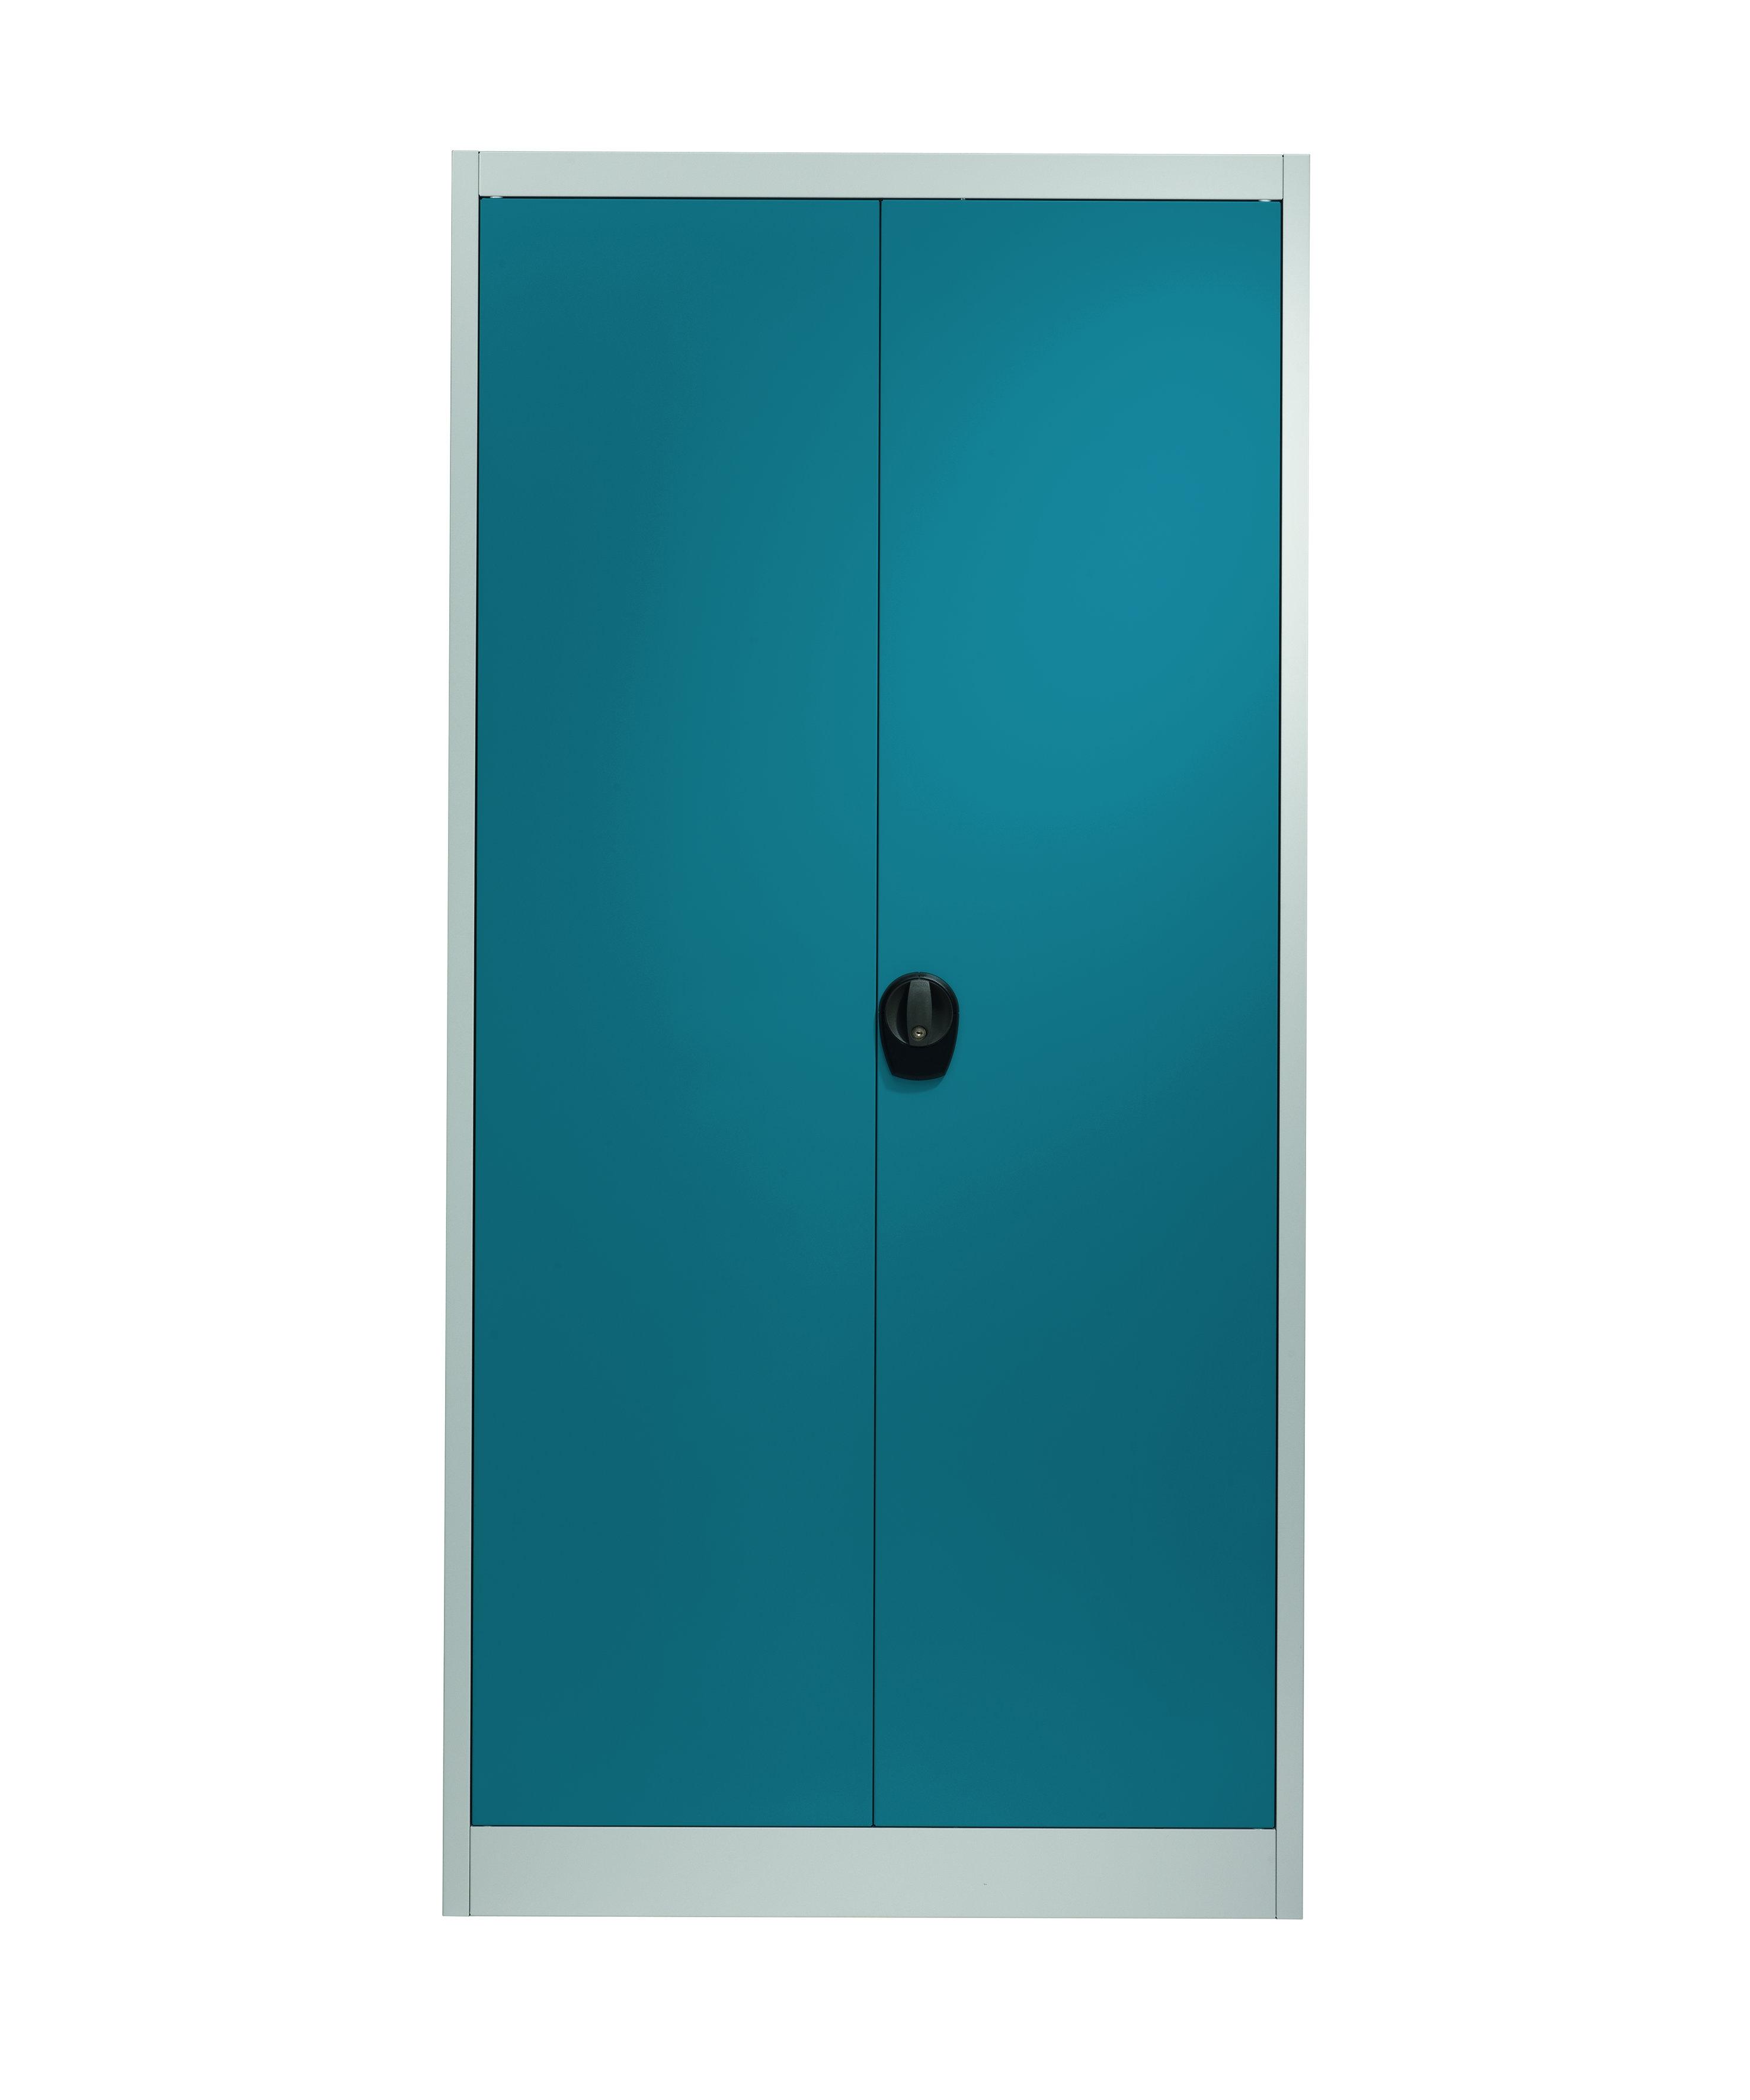 baumarkt wittig werkstatteinrichtung regale spinde mauser fl gelt rschrank brillantblau. Black Bedroom Furniture Sets. Home Design Ideas